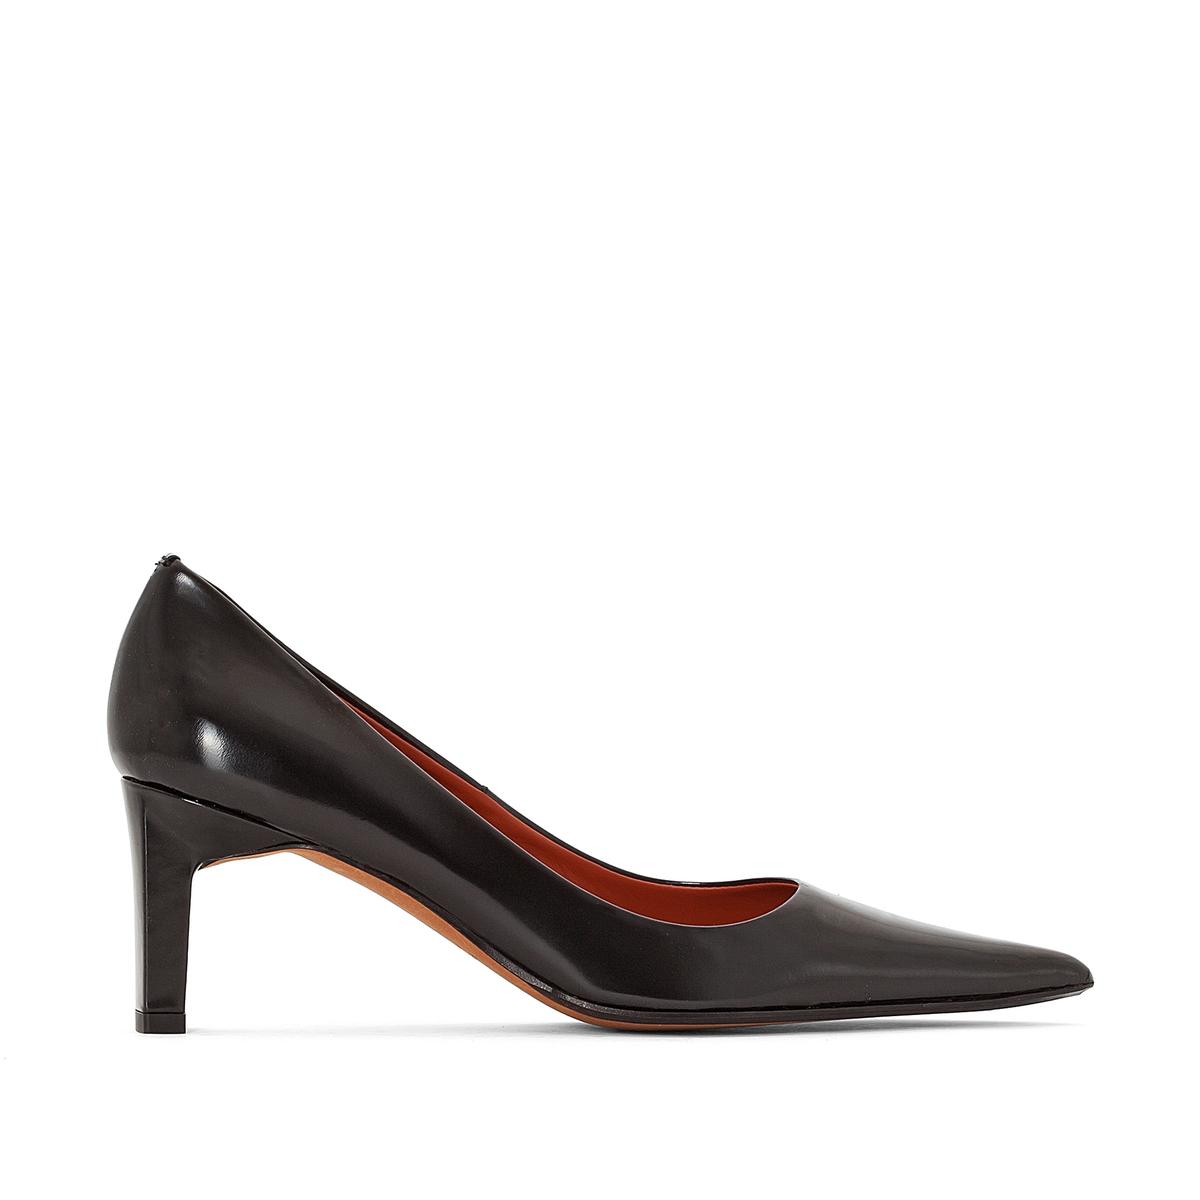 Туфли кожаные на каблуке, KENTПодкладка: Кожа.Стелька: Кожа.Подошва: Кожа и синтетический материал.  Высота каблука: 6,8 см.    Форма каблука: ШирокаяМысок: Круглый.Застежка: Ремешок/пряжка.<br><br>Цвет: черный